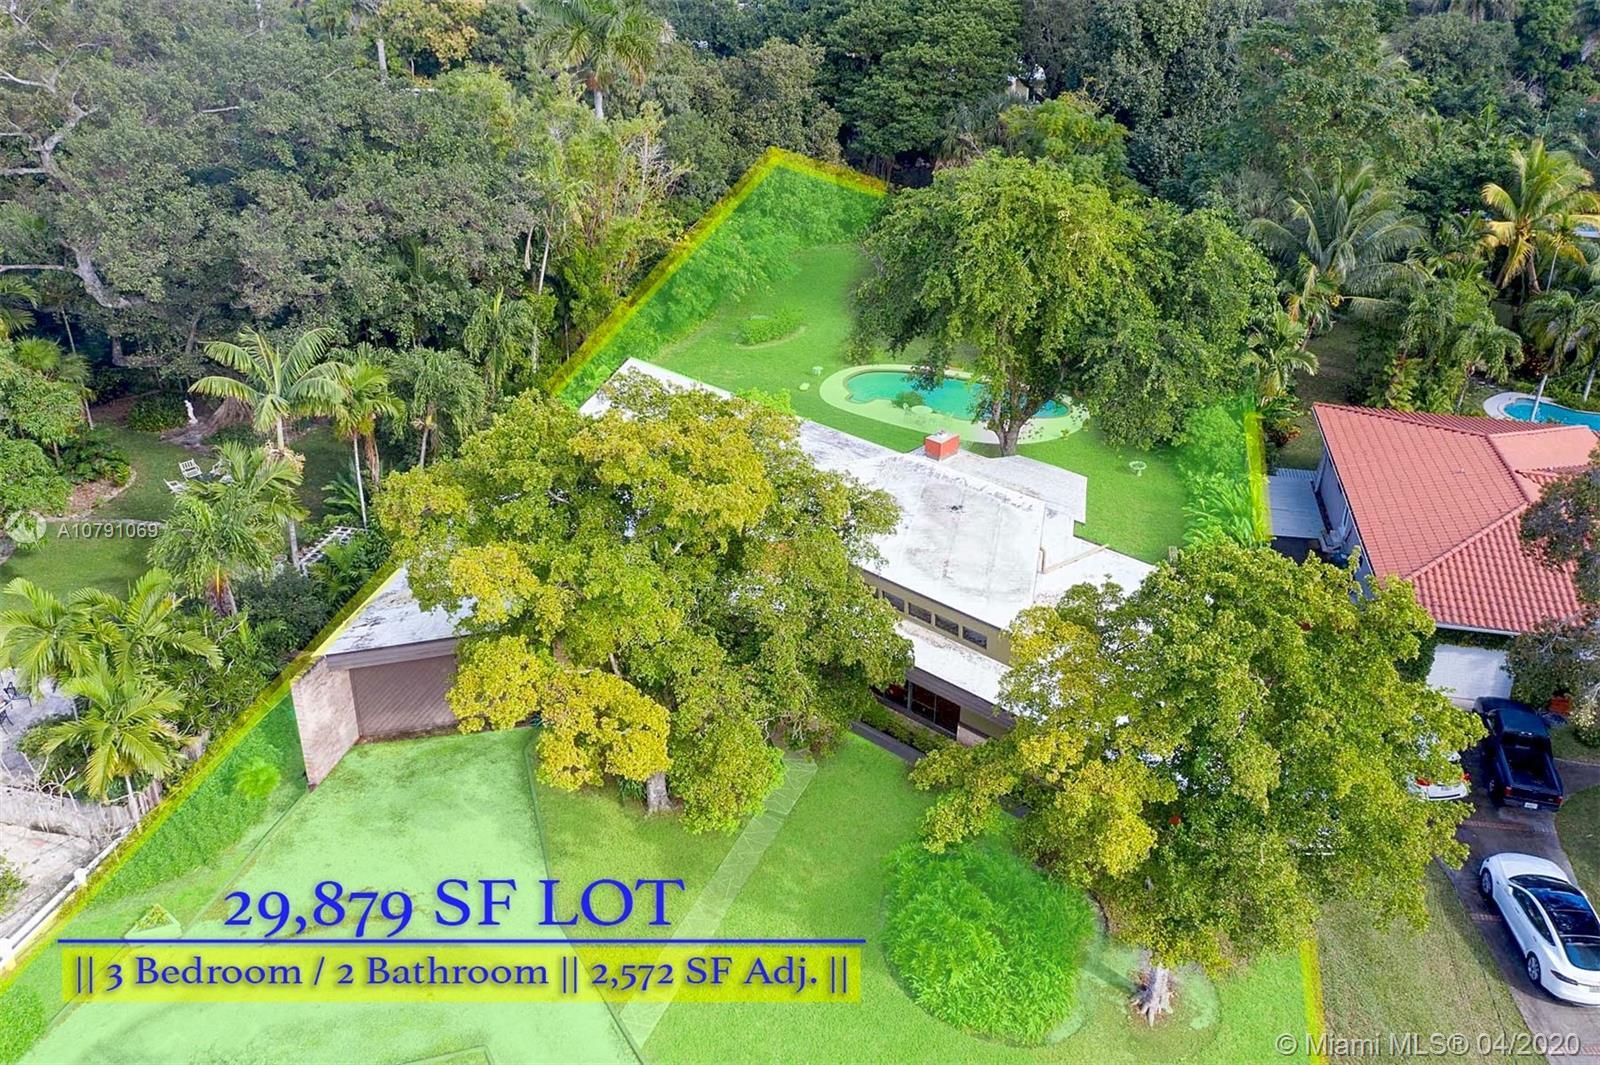 12015 Griffing Blvd Property Photo - Biscayne Park, FL real estate listing